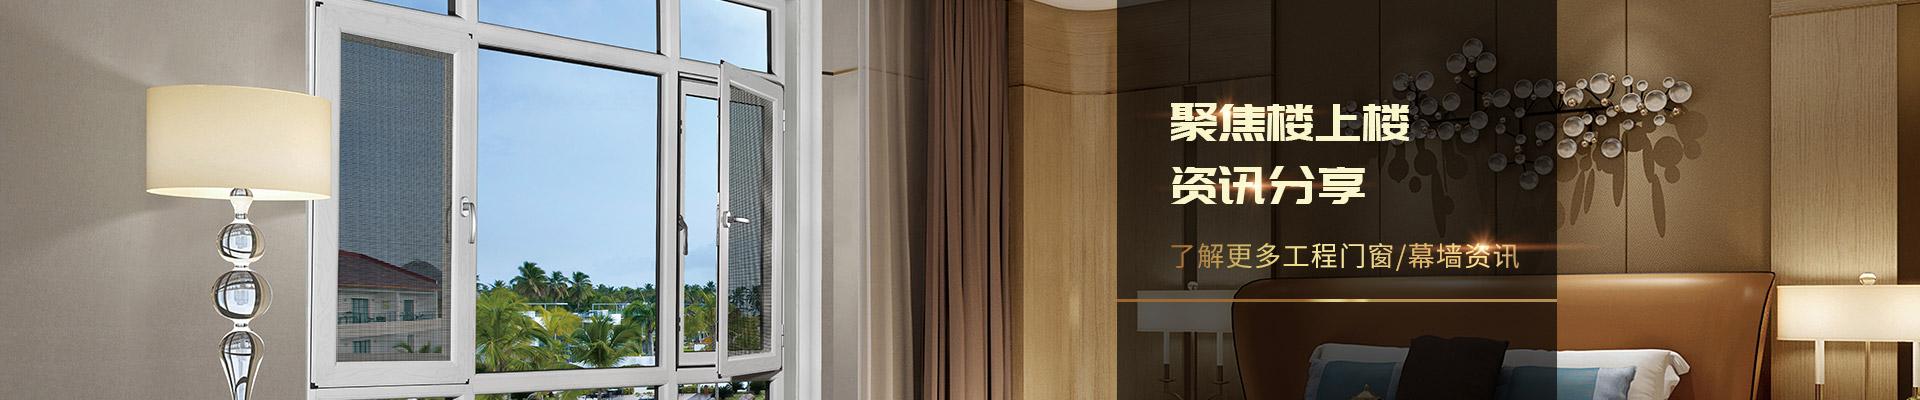 聚焦楼上楼 · 资讯分享-了解更多工程门窗/幕墙资讯